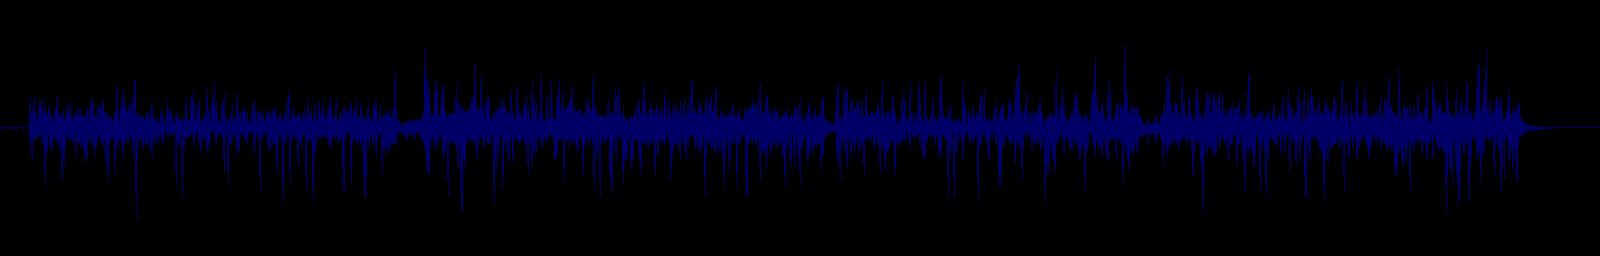 waveform of track #131816